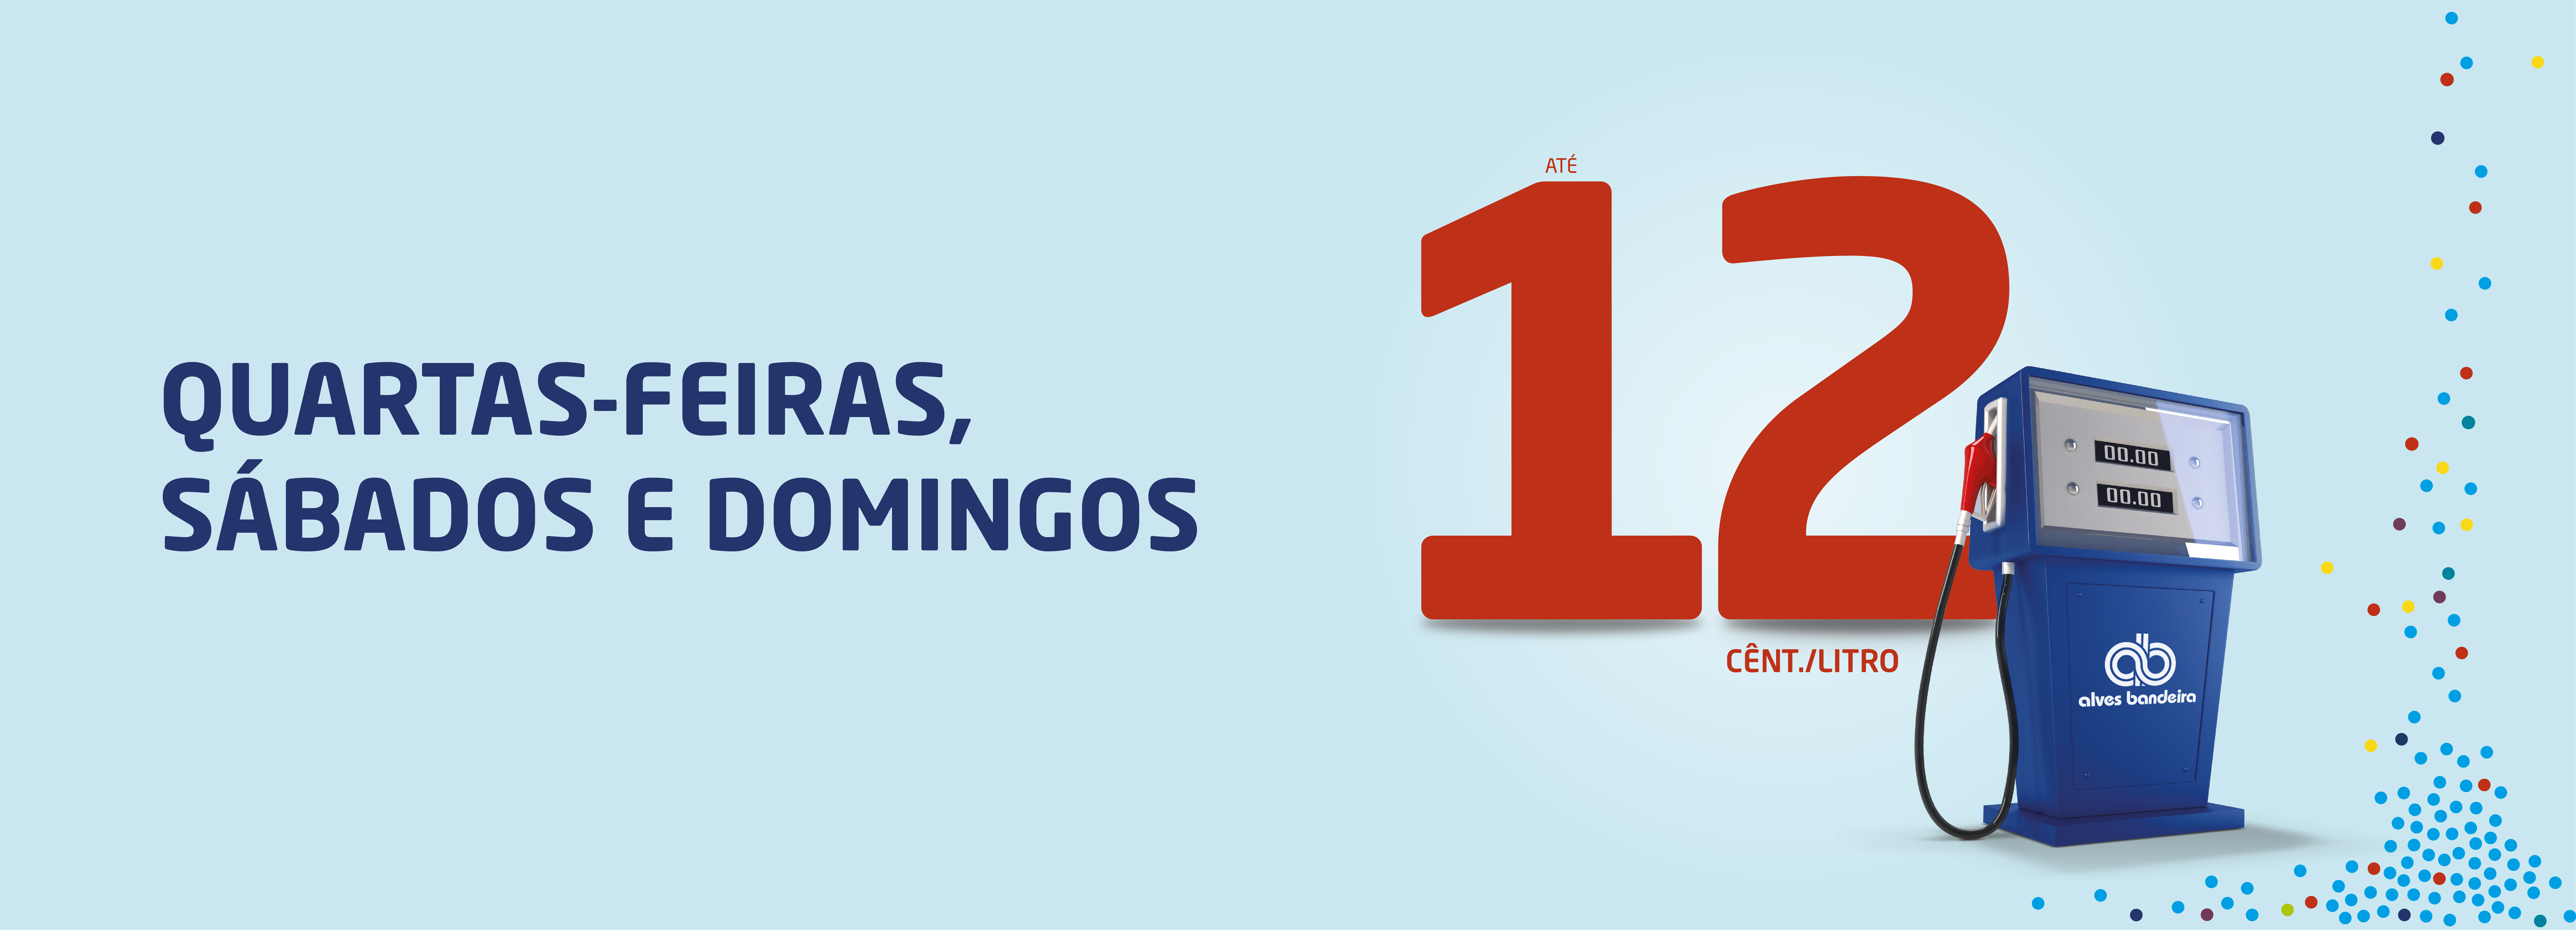 campanhas_1